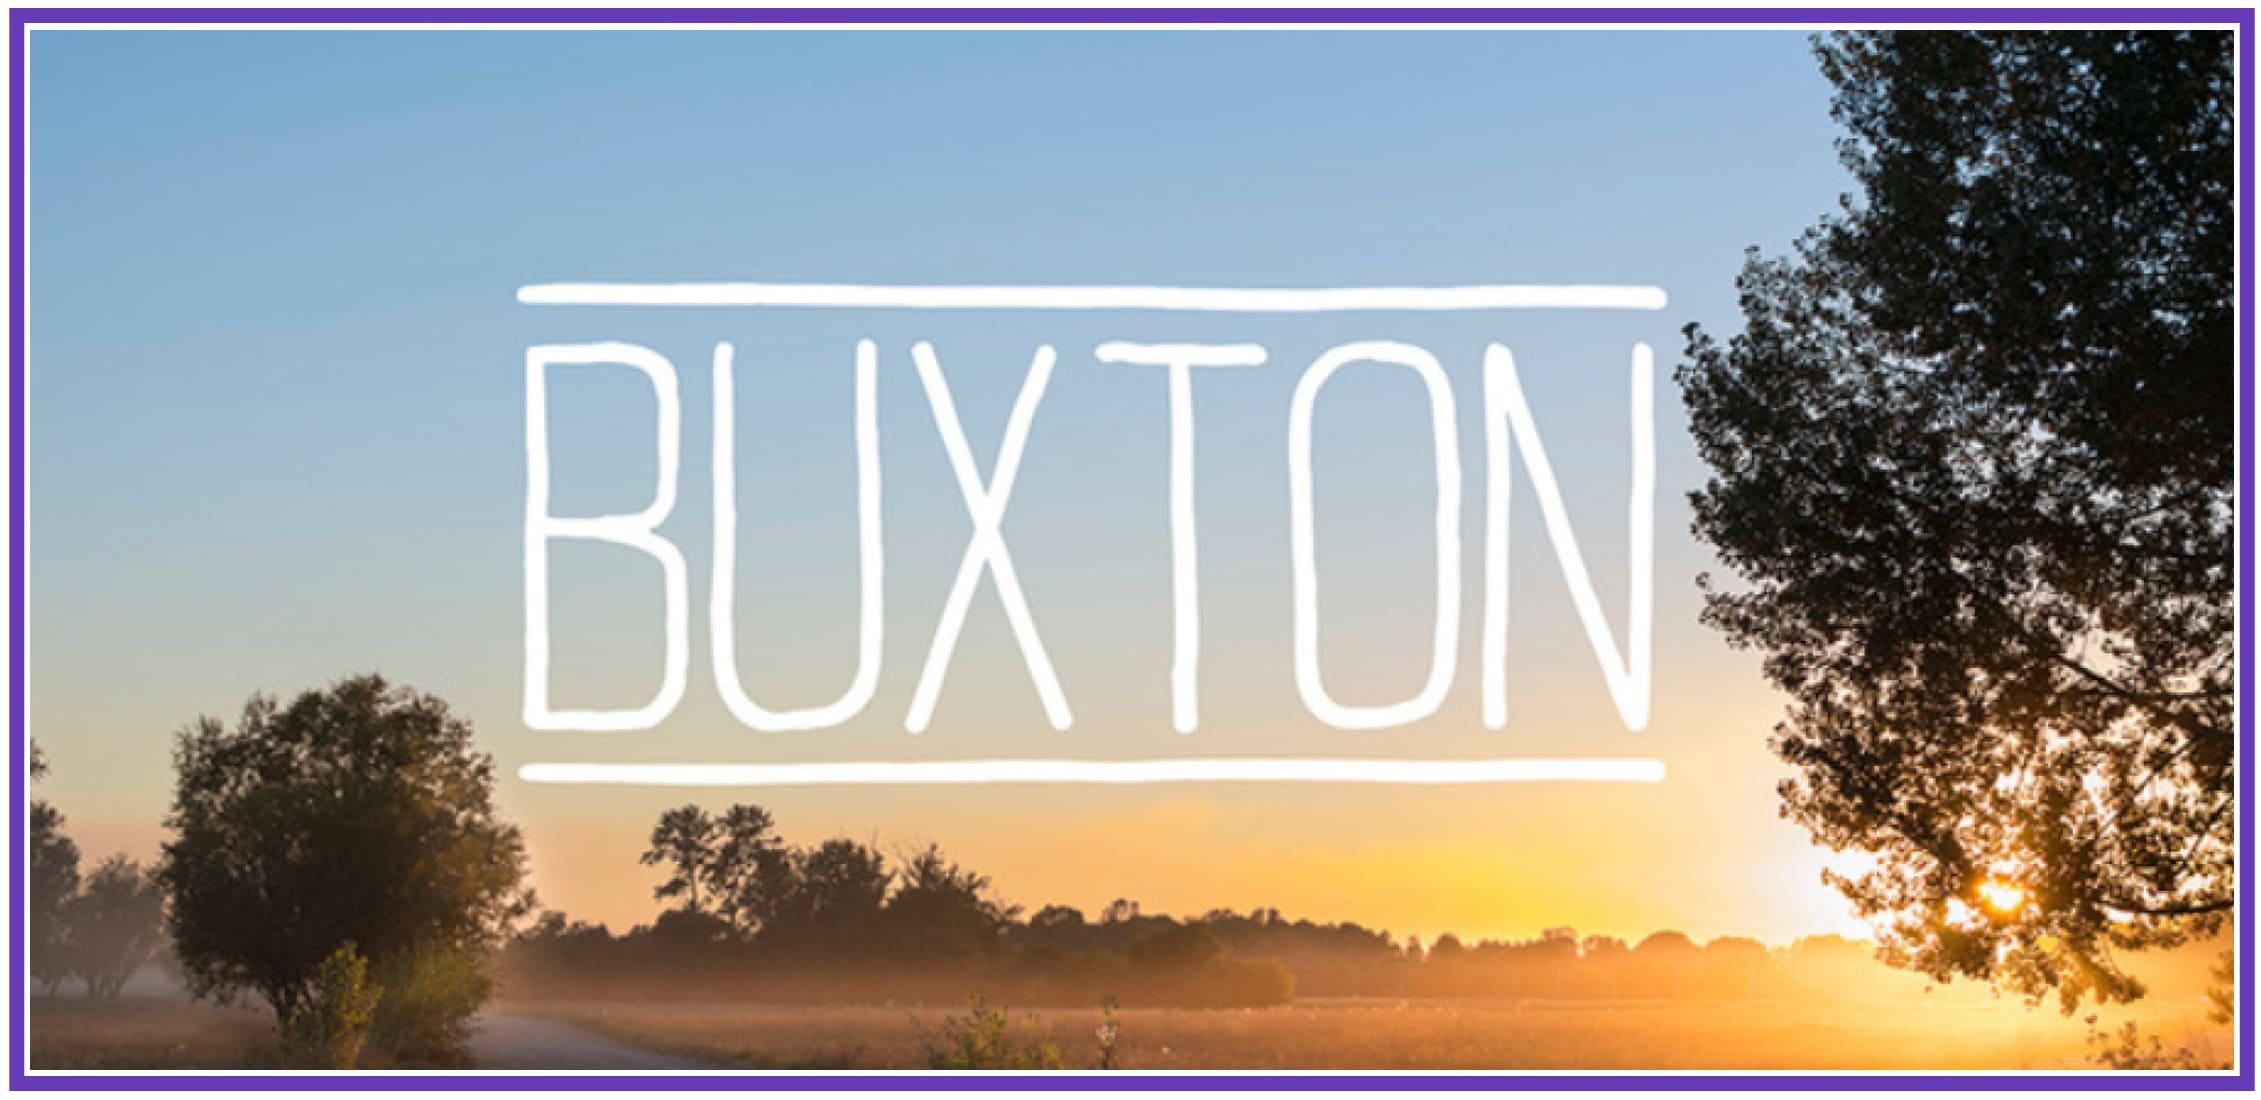 Minimalistic Buxton. Masculine Font.